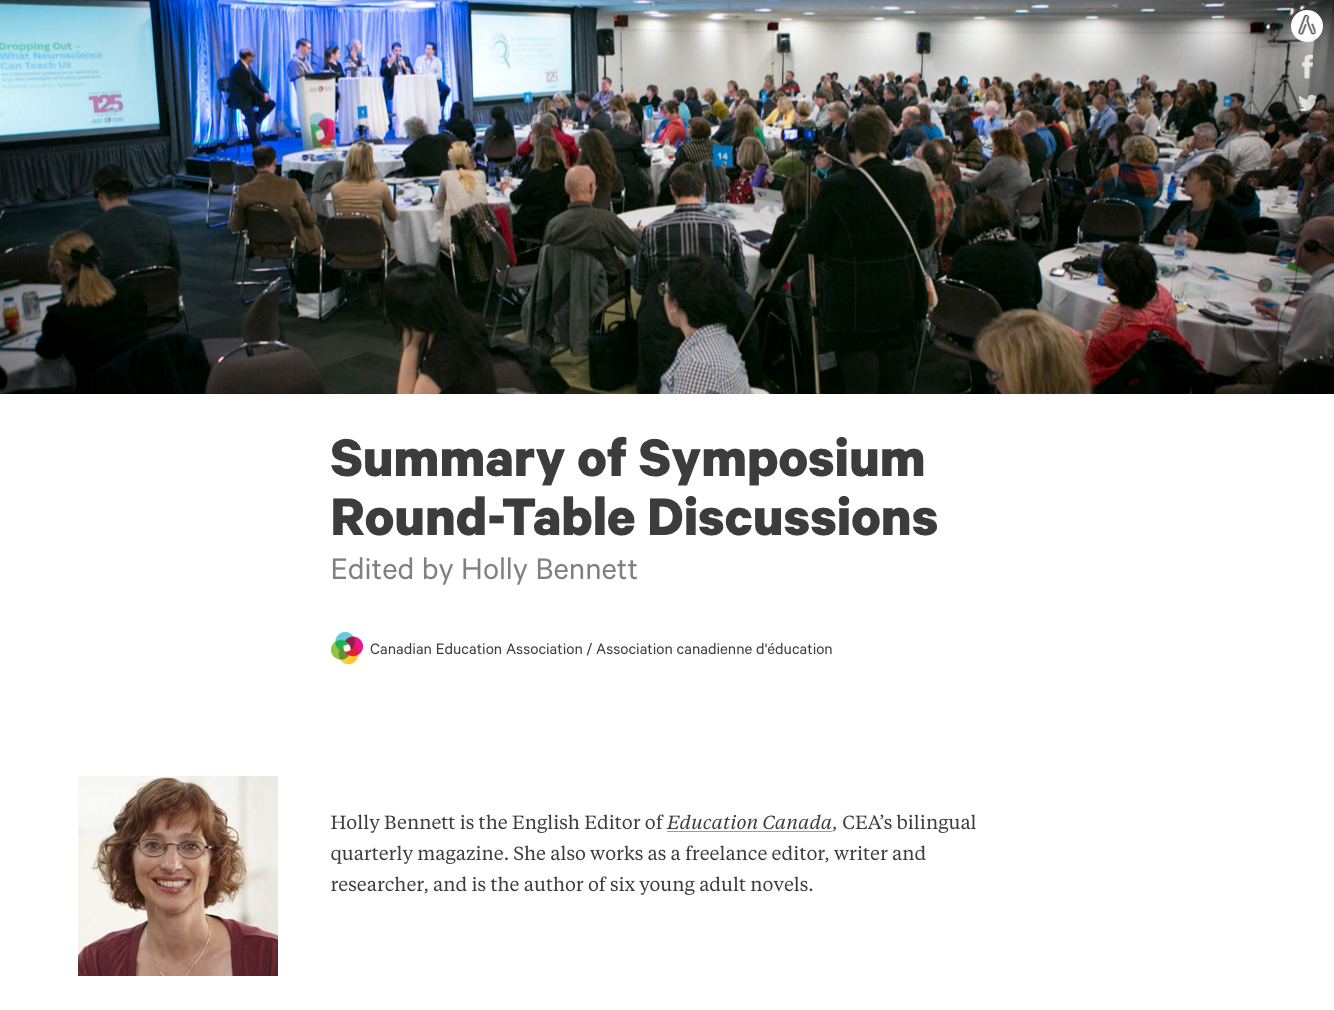 symposium summary